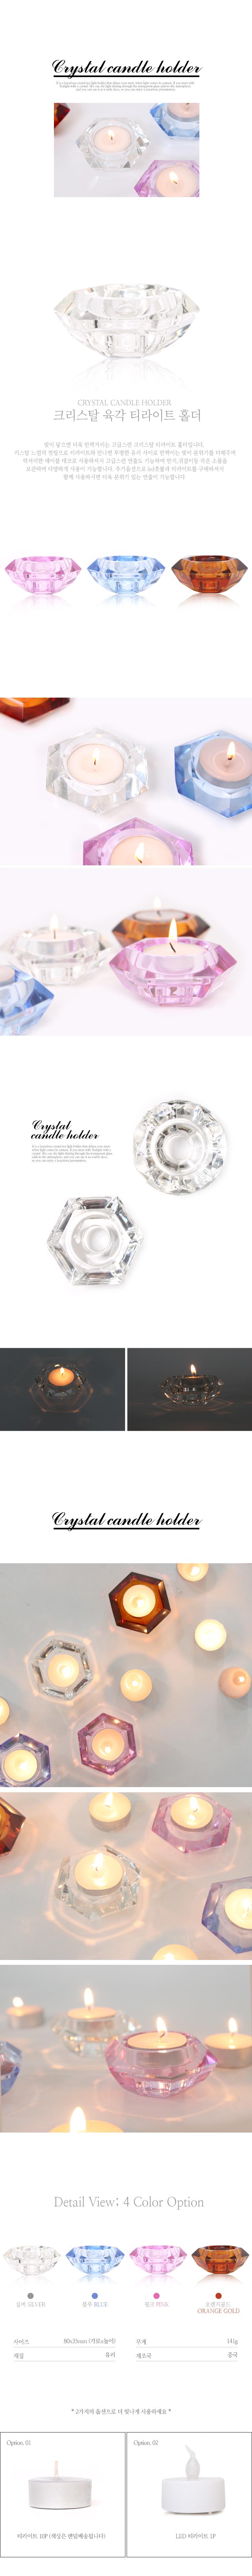 크리스탈 육각 티라이트 홀더 - 디자인에버, 4,500원, 캔들, 캔들홀더/소품